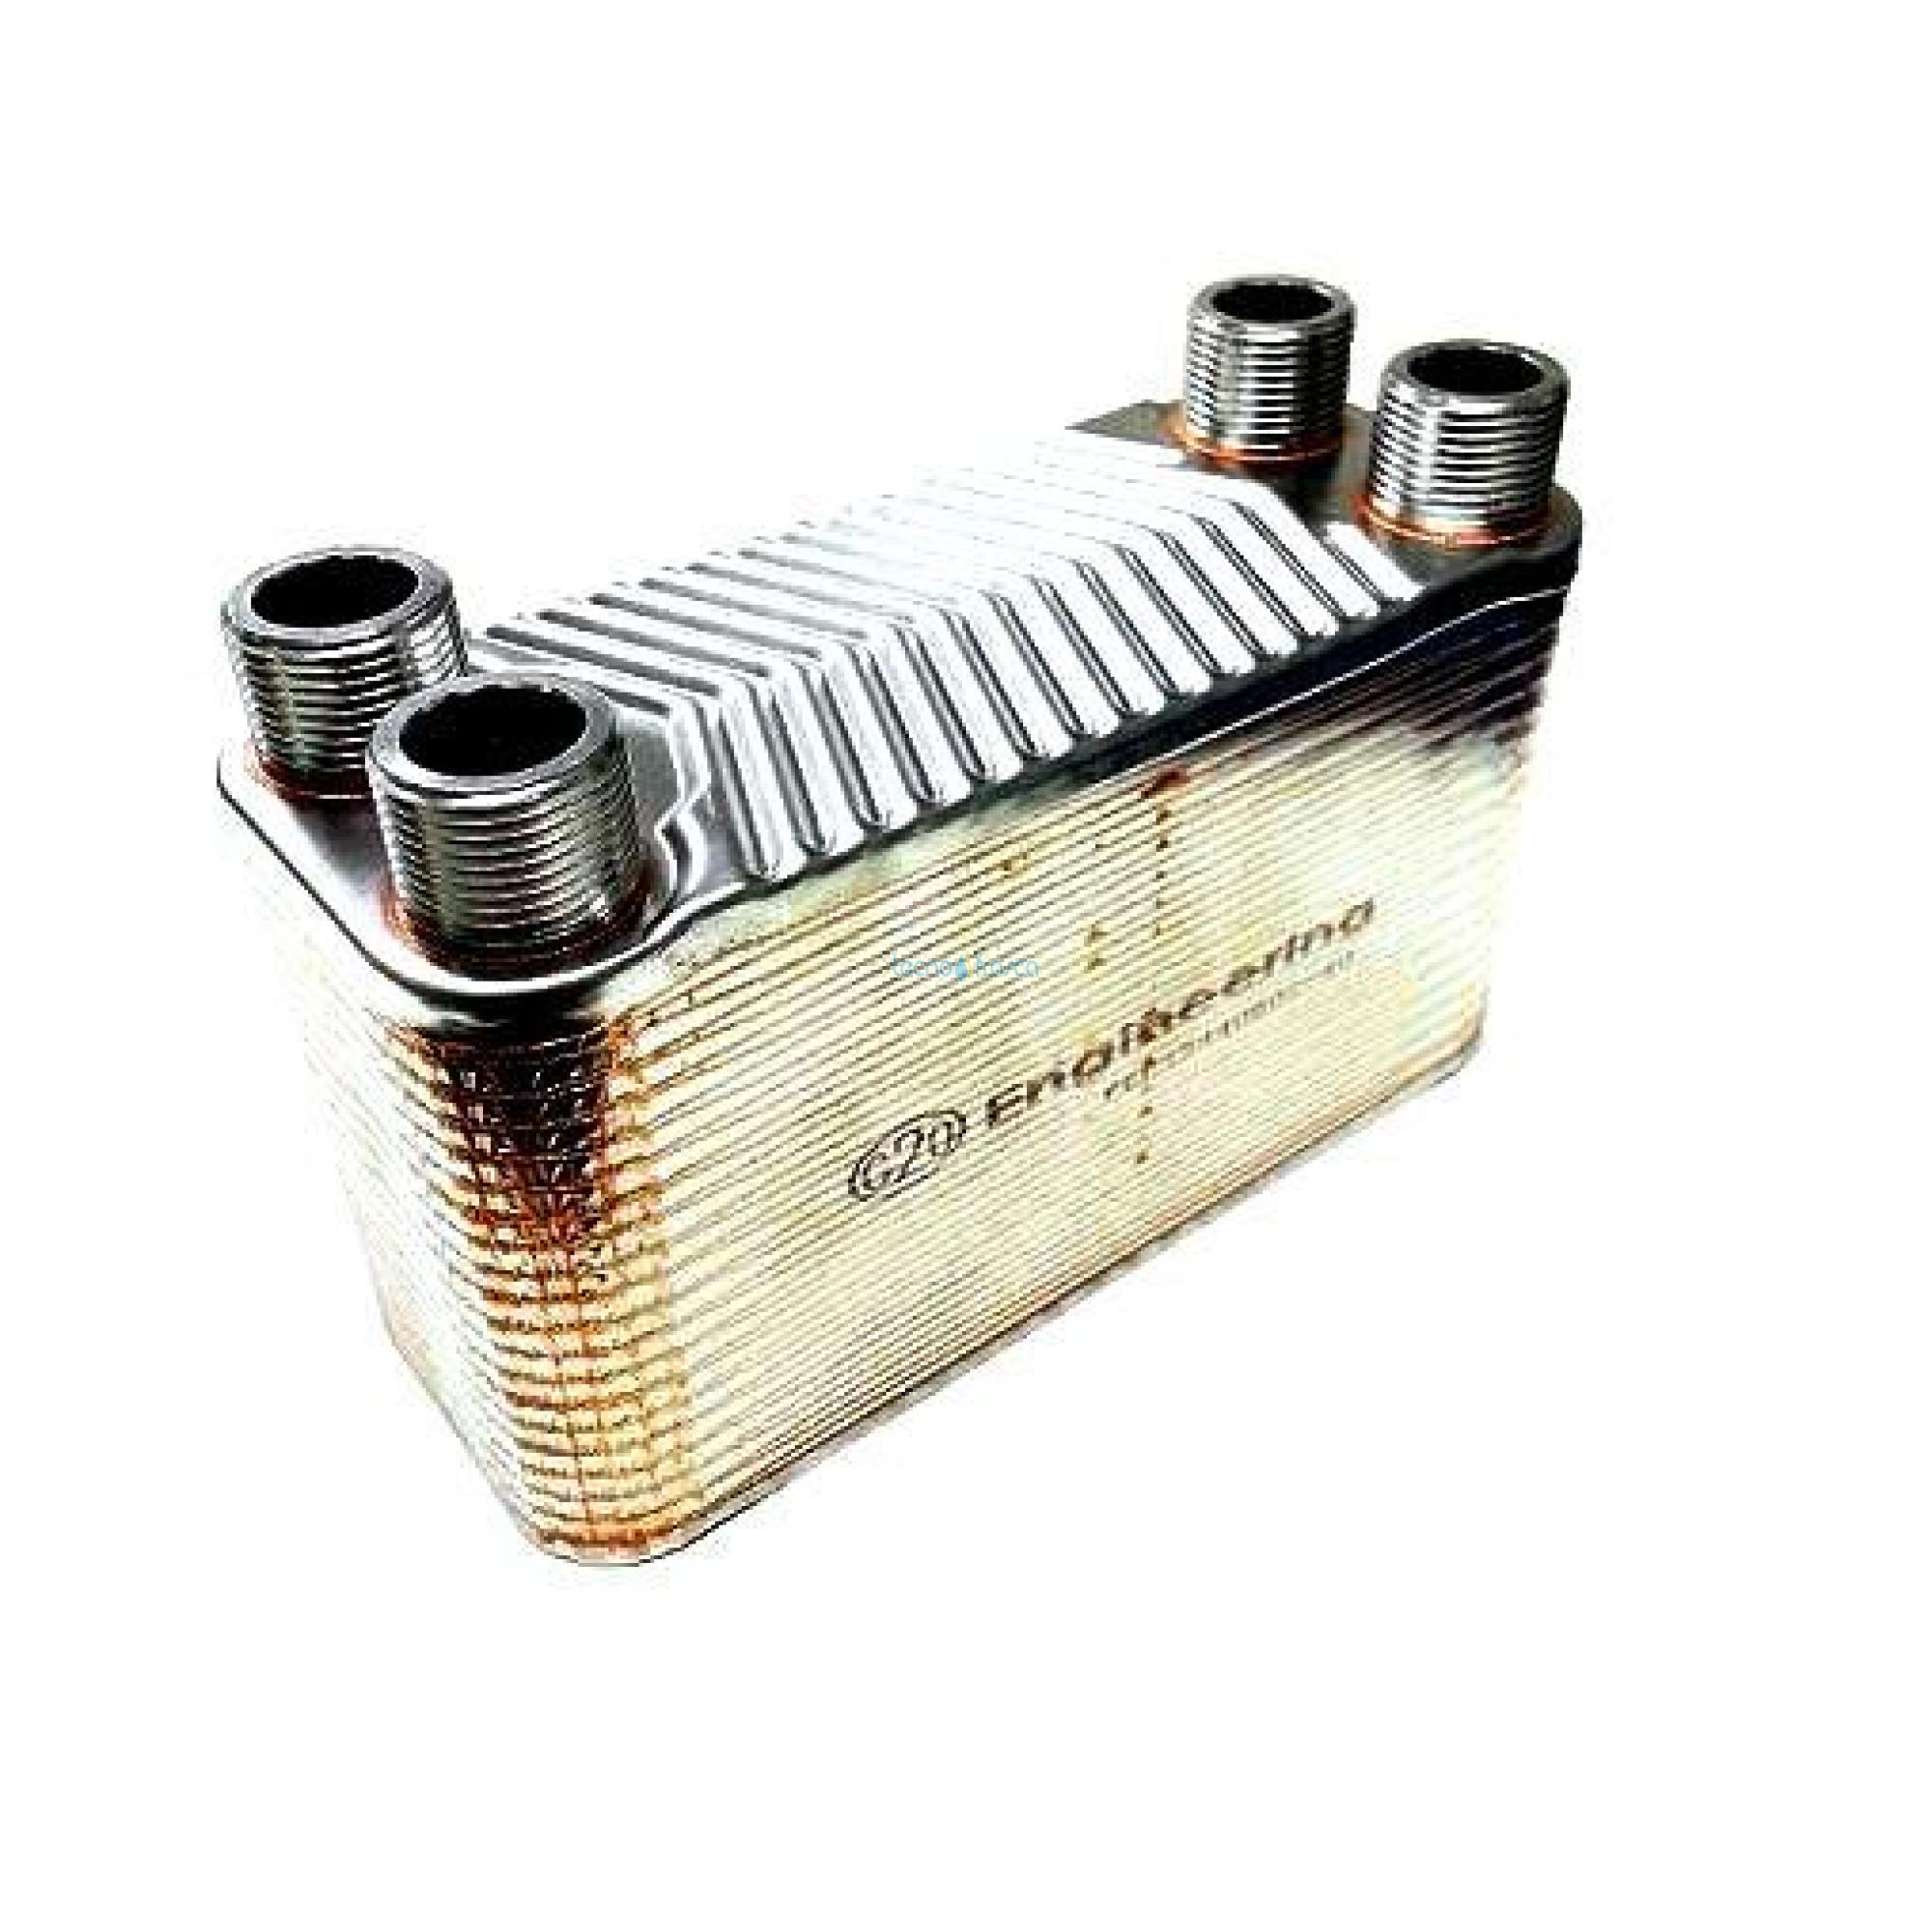 Scambiatore 40 piastre corto scr003 att. 3/4 per termocamino